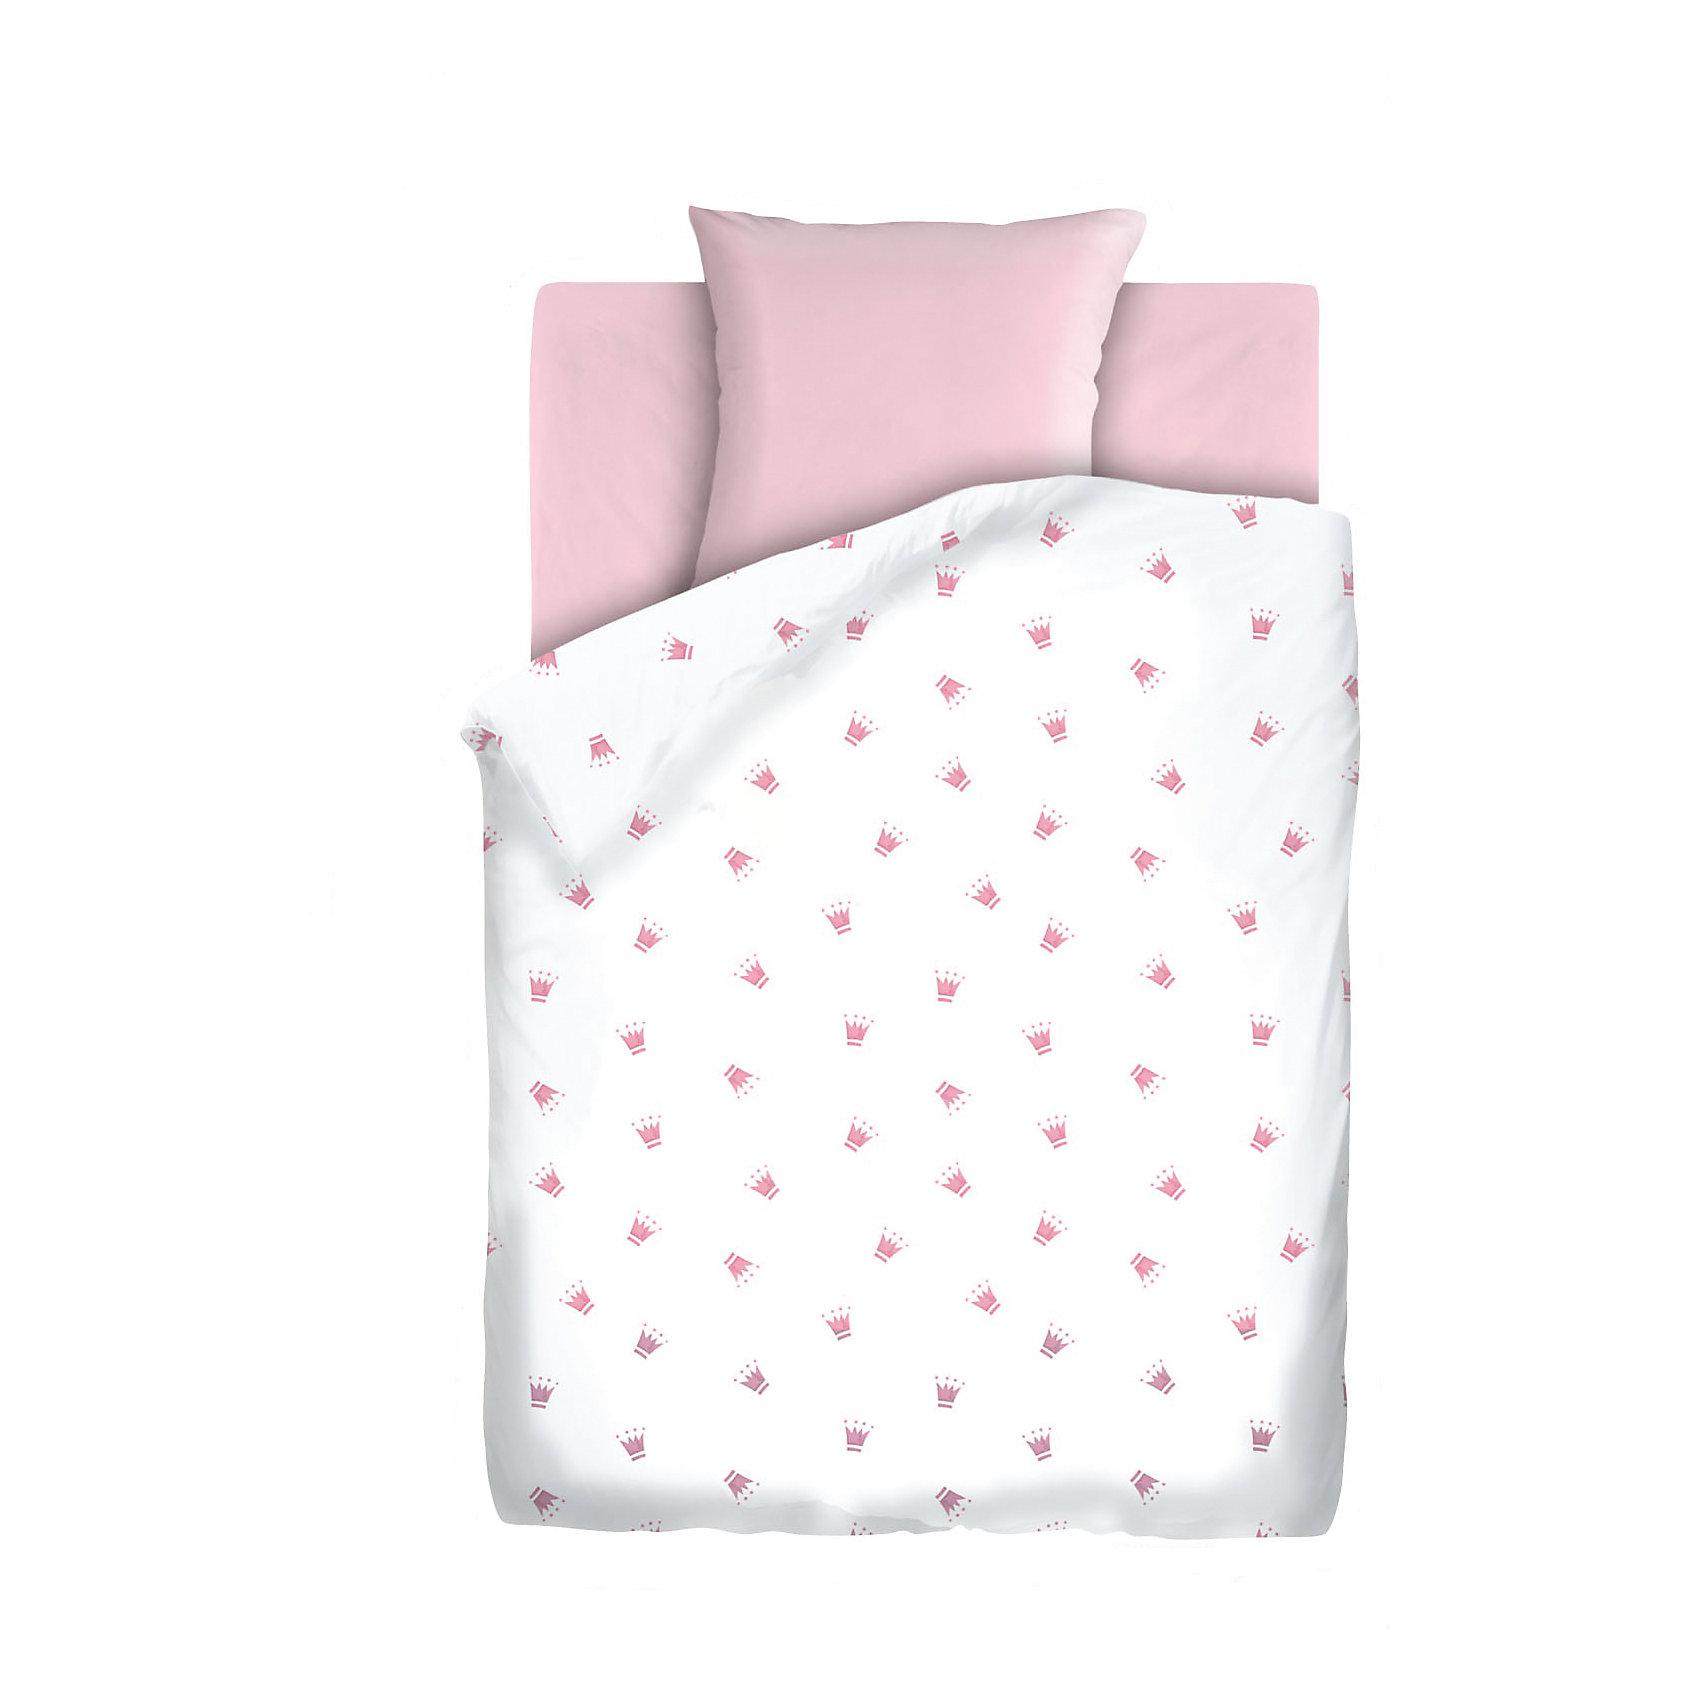 Постельное белье 1,5 сп. на резинке Коронки, бязь, Непоседа, розовыйДомашний текстиль<br>Комплект детского постельного белья на резинке Коронки, бязь, Непоседа, розовый<br><br>Характеристики:<br><br>• прочное и износостойкое<br>• хорошо пропускает воздух<br>• удобная резинка<br>• в комплекте: простыня, наволочка, пододеяльник<br>• размер простыни: 150х110 см<br>• размер наволочки: 40х60 см<br>• размер пододеяльника: 112х147 см<br>• материал: бязь (100% хлопок)<br>• размер упаковки: 5х20х30 см<br>• вес: 800 грамм<br>• цвет: розовый<br><br>Даже во сне юным принцессам необходима корона. Постельное белье Коронки поможет малышке выбрать подходящий головной убор, достойный королевы. Белье изготовлено из качественной бязи, которая хорошо пропускает воздух и обладает высокой прочностью. Белье очень приятно на ощупь и практически не мнется. Натуральные красители не вымываются при стирках. Удобная резинка позволит вам закрепить белье на кроватке, чтобы ребенок мог спать с комфортом всю ночь.<br><br>Комплект детского постельного белья на резинке Коронки, бязь, Непоседа, розовый можно купить в нашем интернет-магазине.<br><br>Ширина мм: 300<br>Глубина мм: 200<br>Высота мм: 50<br>Вес г: 800<br>Возраст от месяцев: -2147483648<br>Возраст до месяцев: 2147483647<br>Пол: Женский<br>Возраст: Детский<br>SKU: 5430861